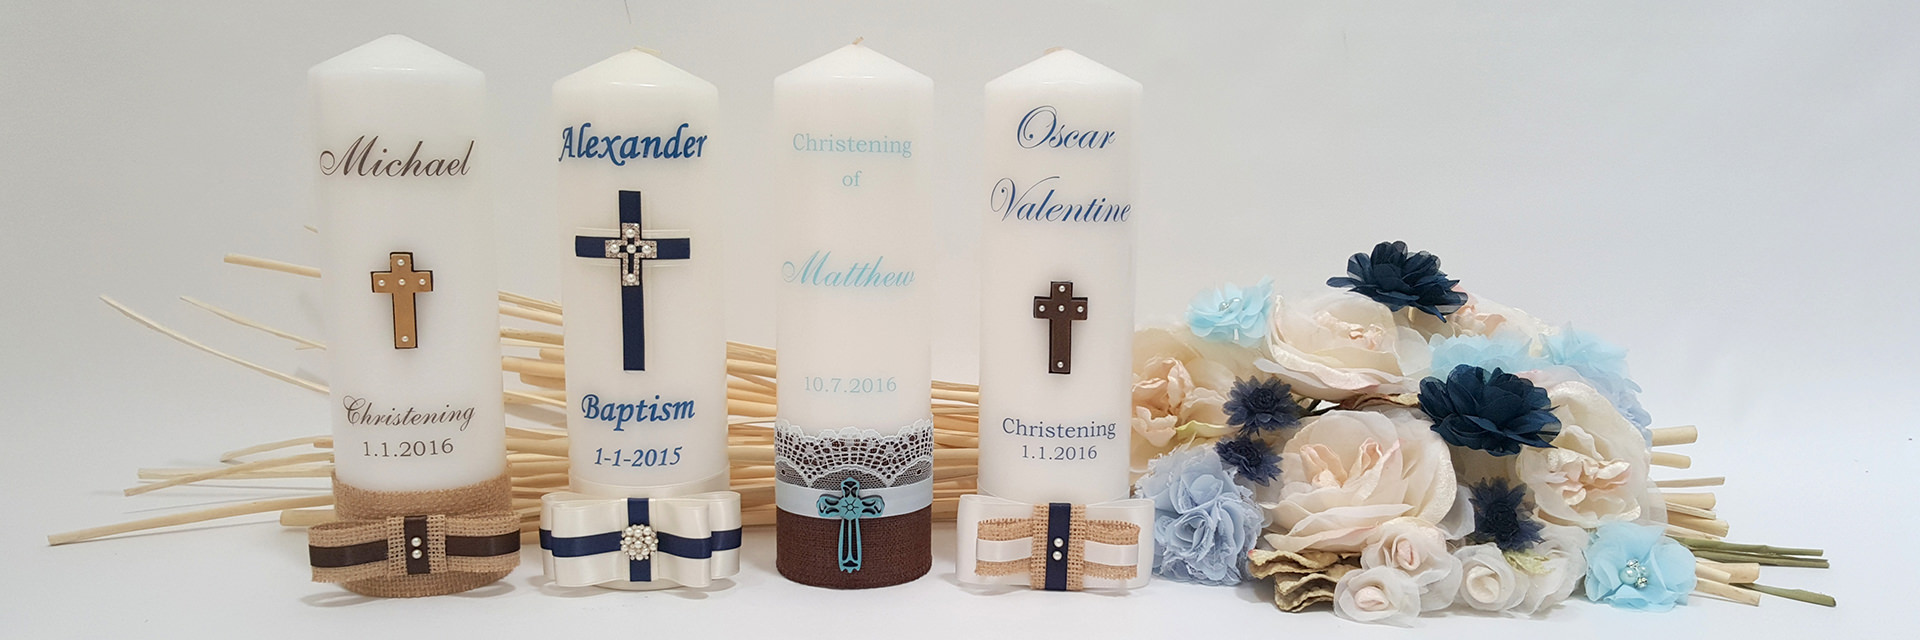 Candle personal personalised baptism christening cross religious christian godmother godfather godparent celebration catholic